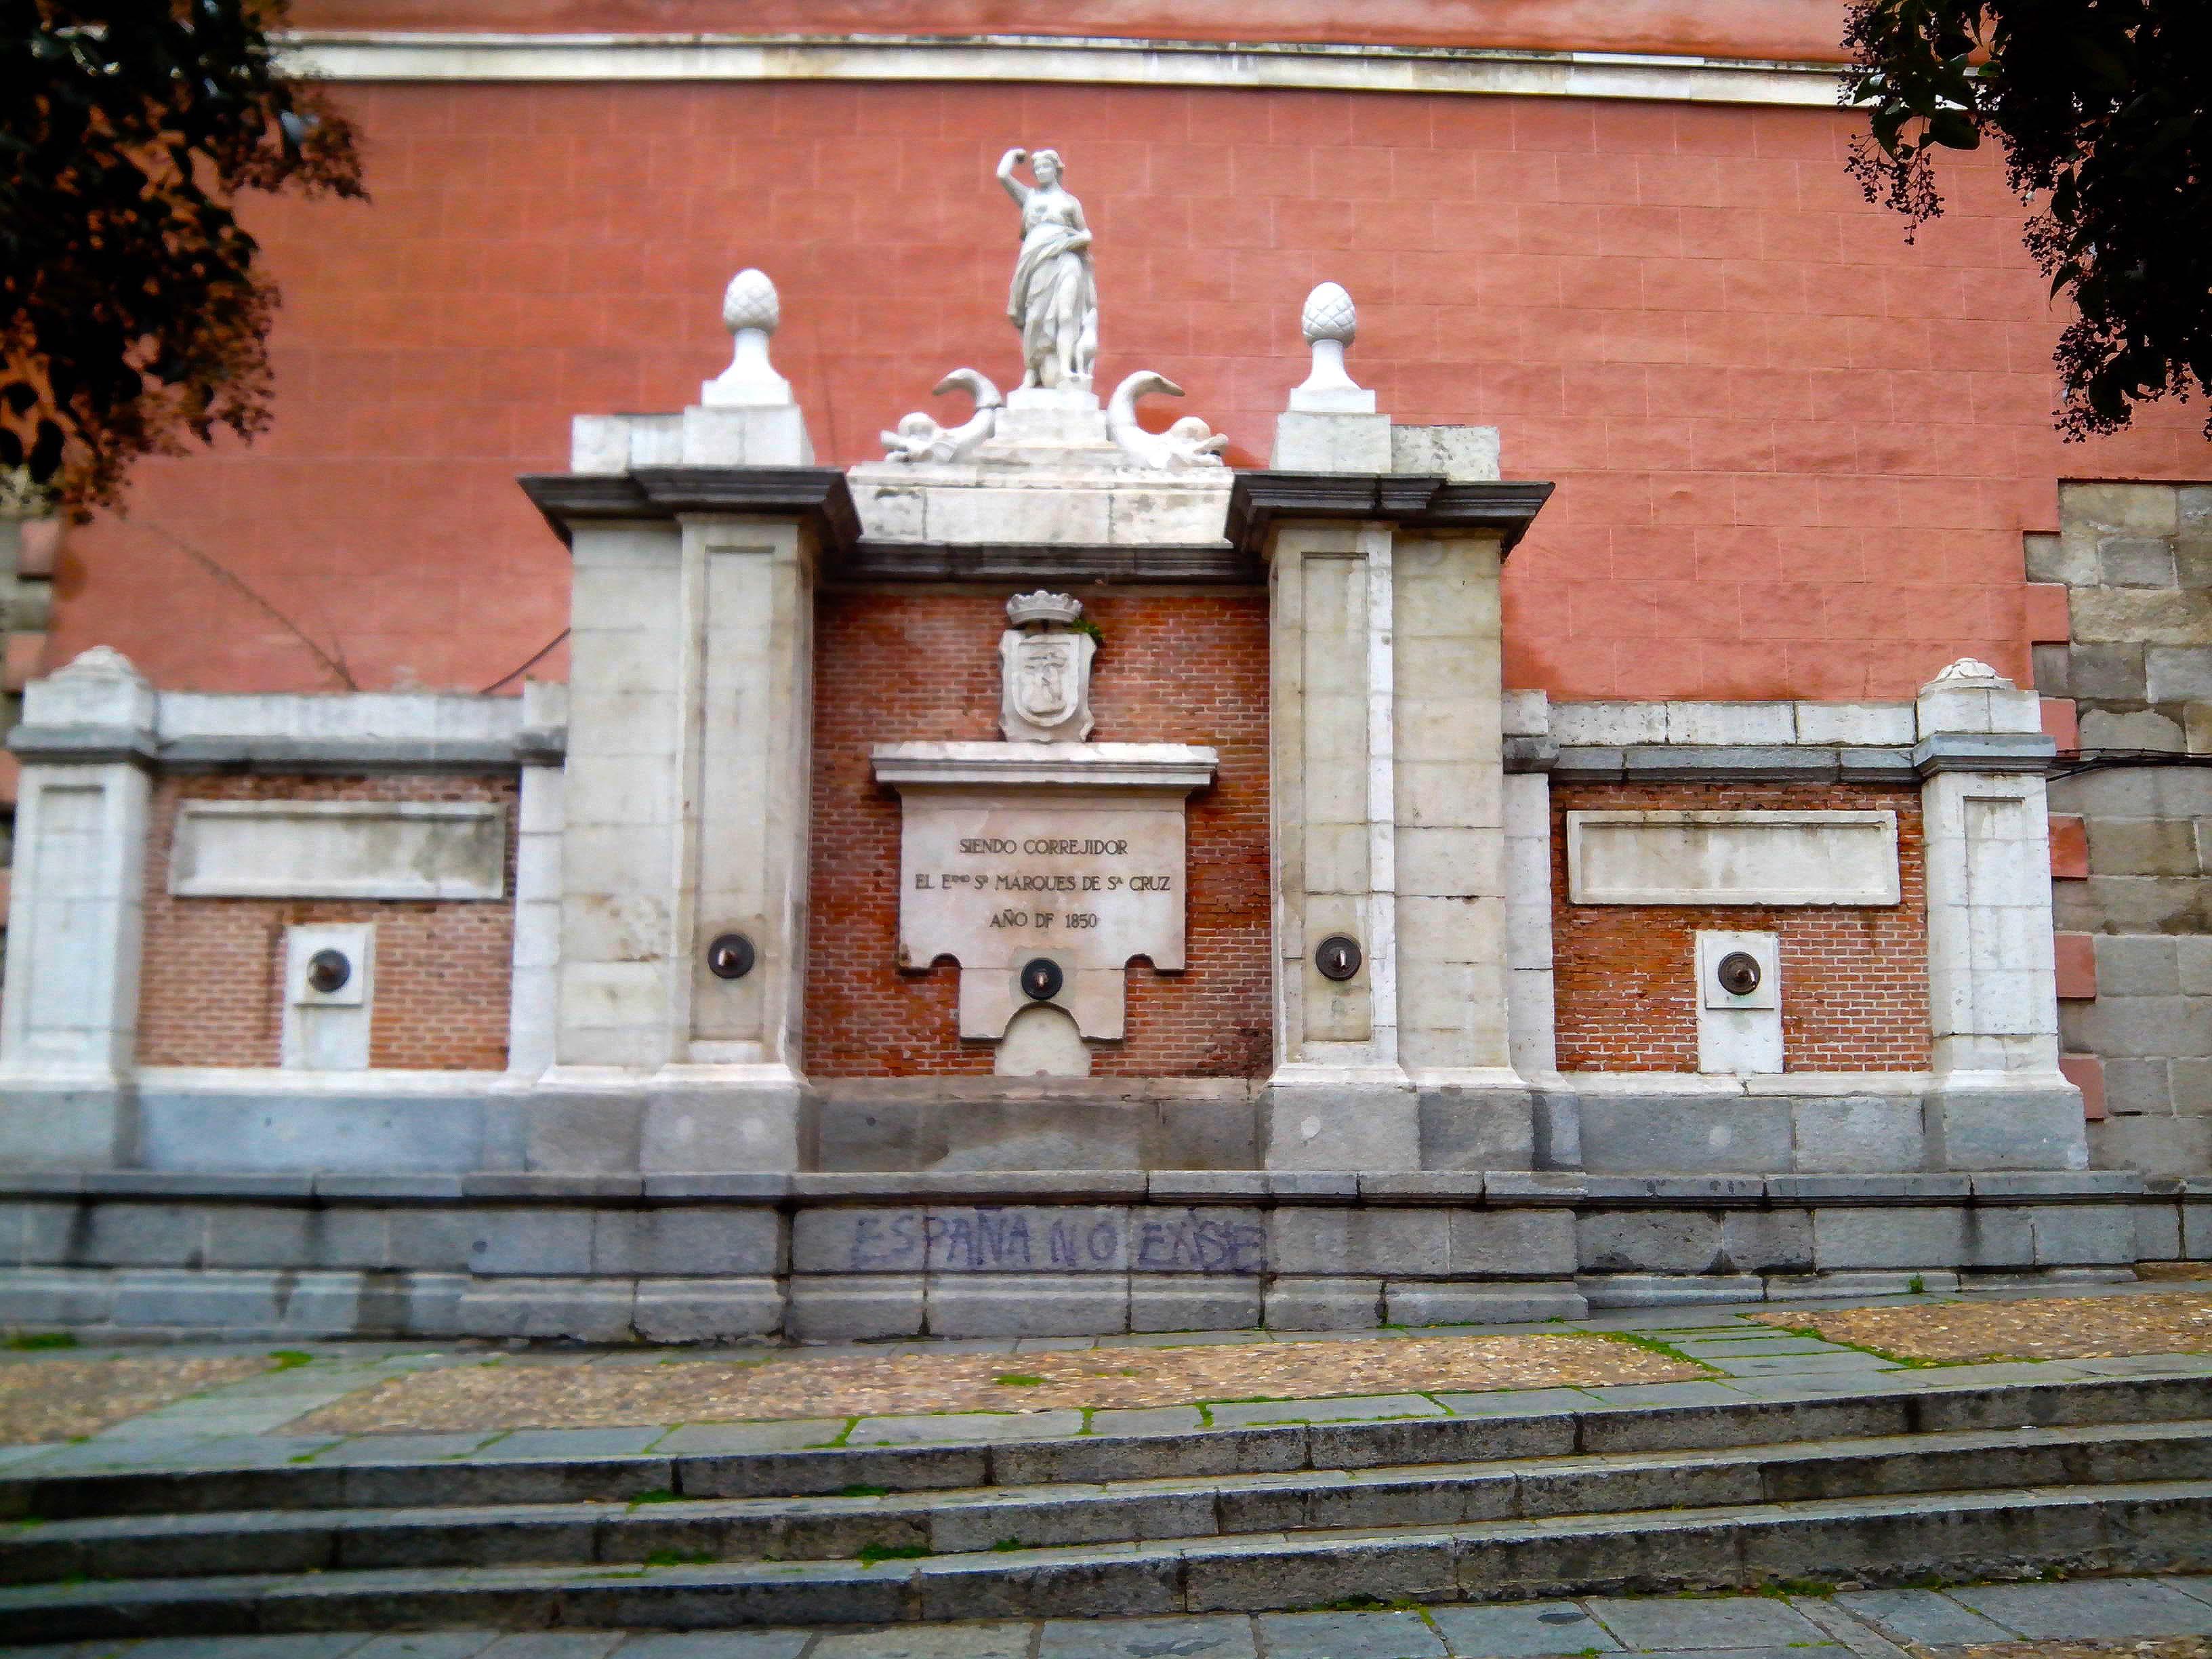 plazadelacruzverde